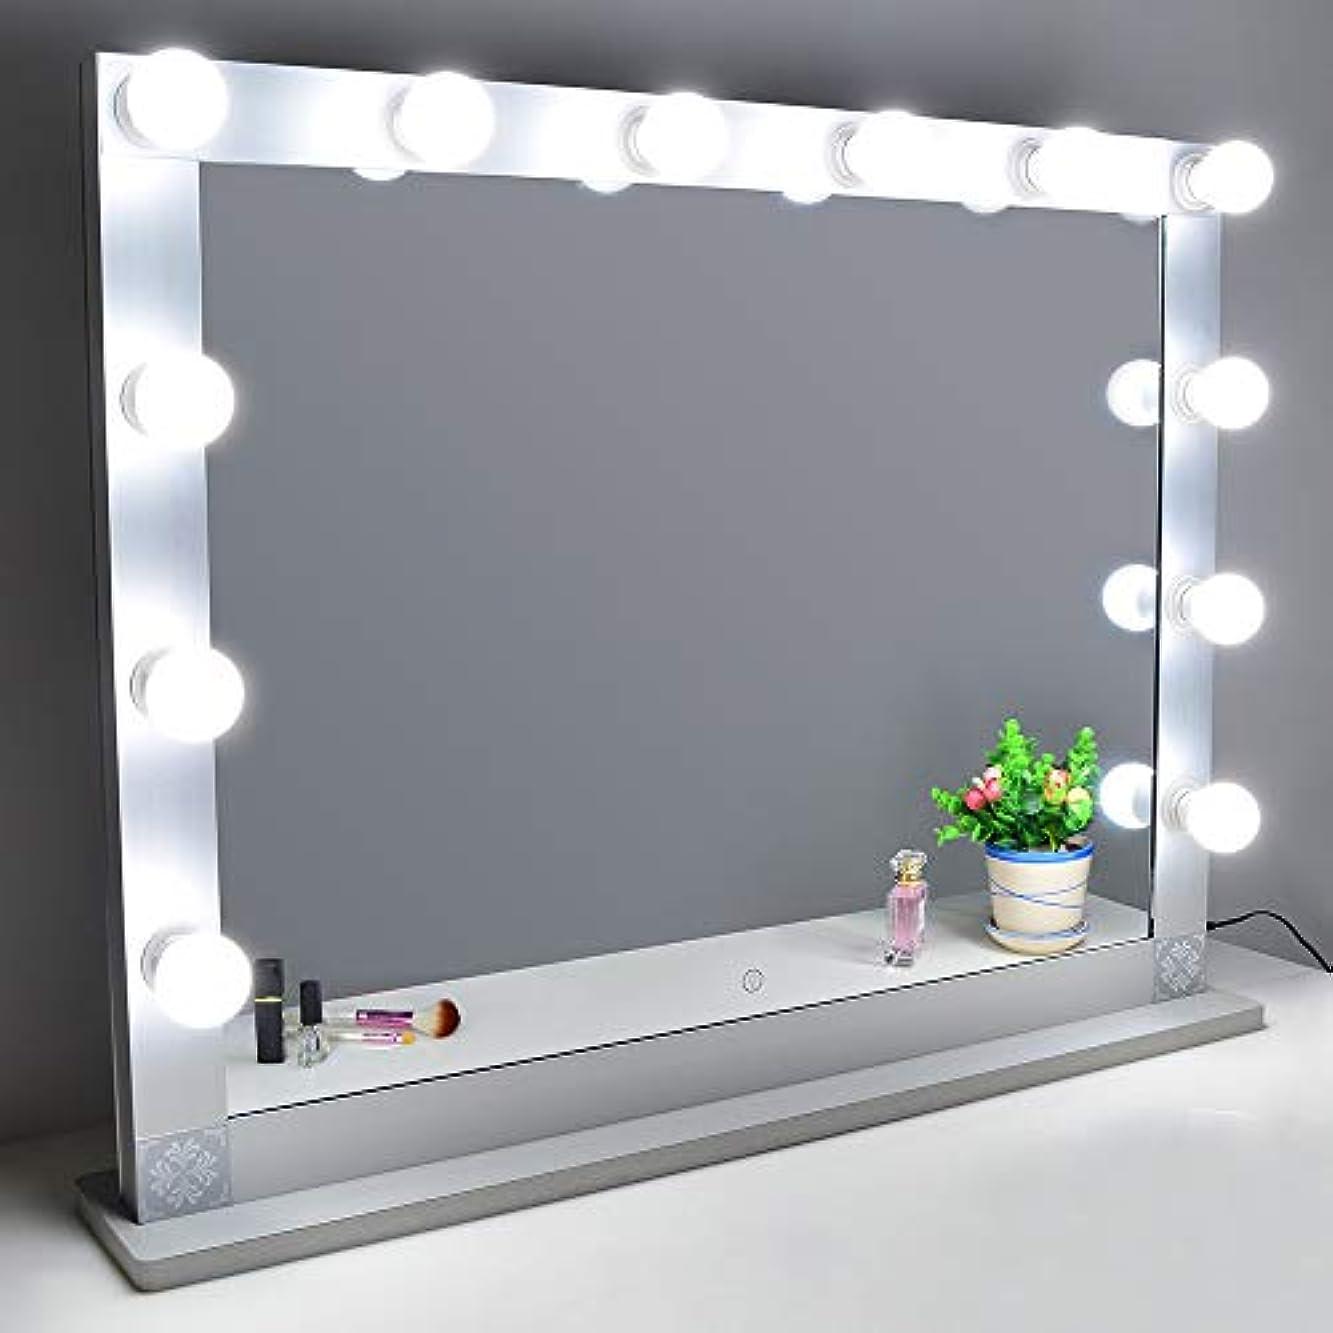 ヘア管理者ヘアNitin 女優ミラー 大型化粧鏡 ハリウッドミラー 12個LED電球付き 無段階調光 スタンド付き USB差込口付き 卓上ミラー 女優ライト ドレッサー/化粧台に適用(85*66.5cm)